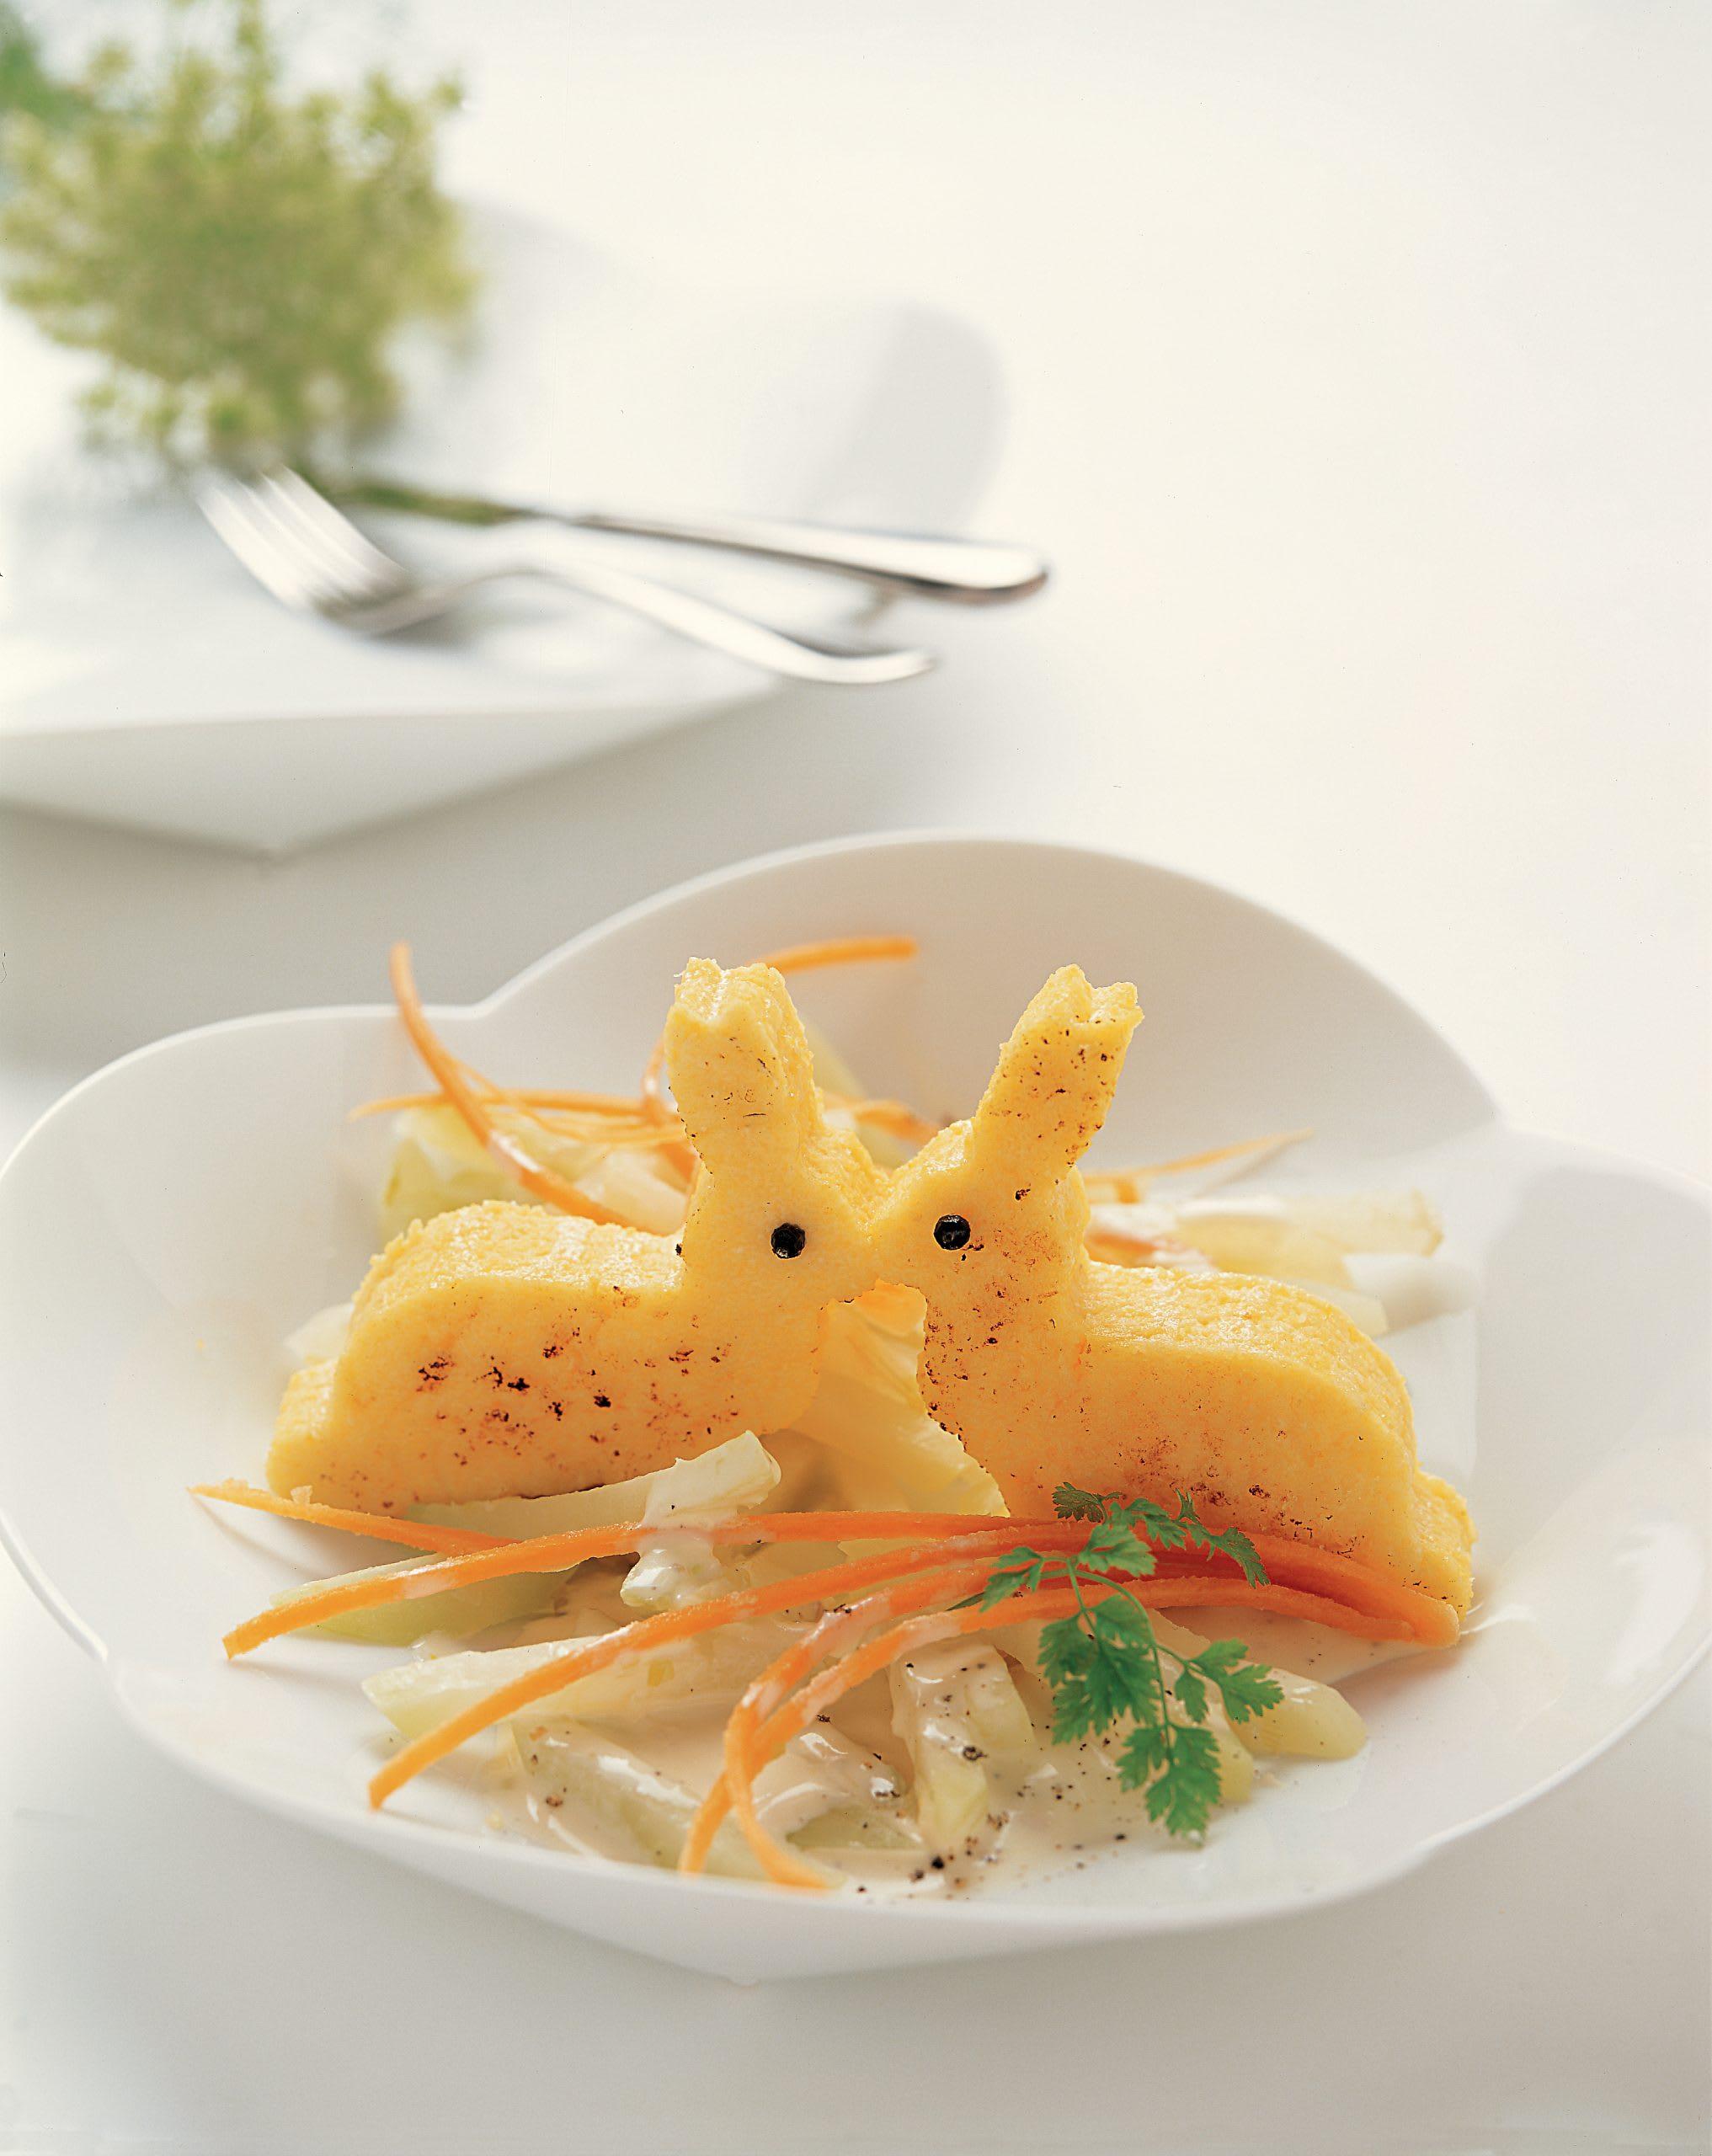 Mais-Hasen mit Kohlrabigemüse